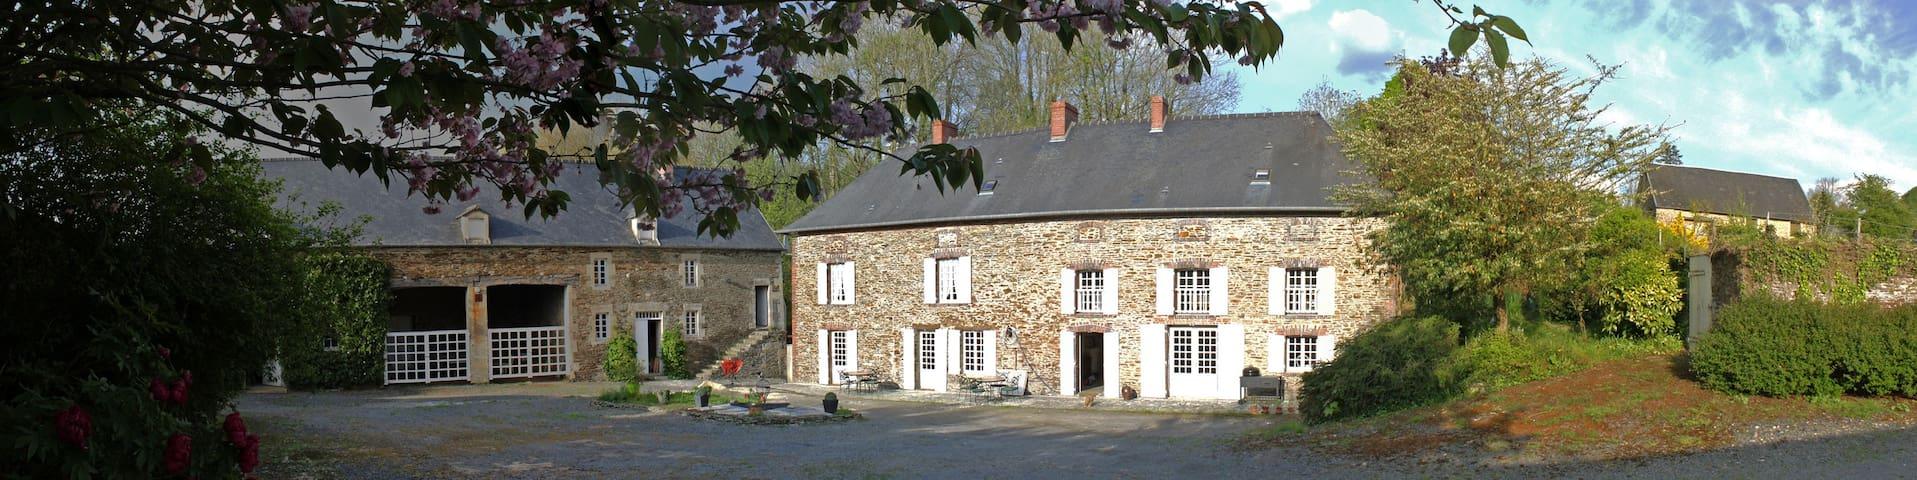 Le Moulin de la Drome - Balleroy